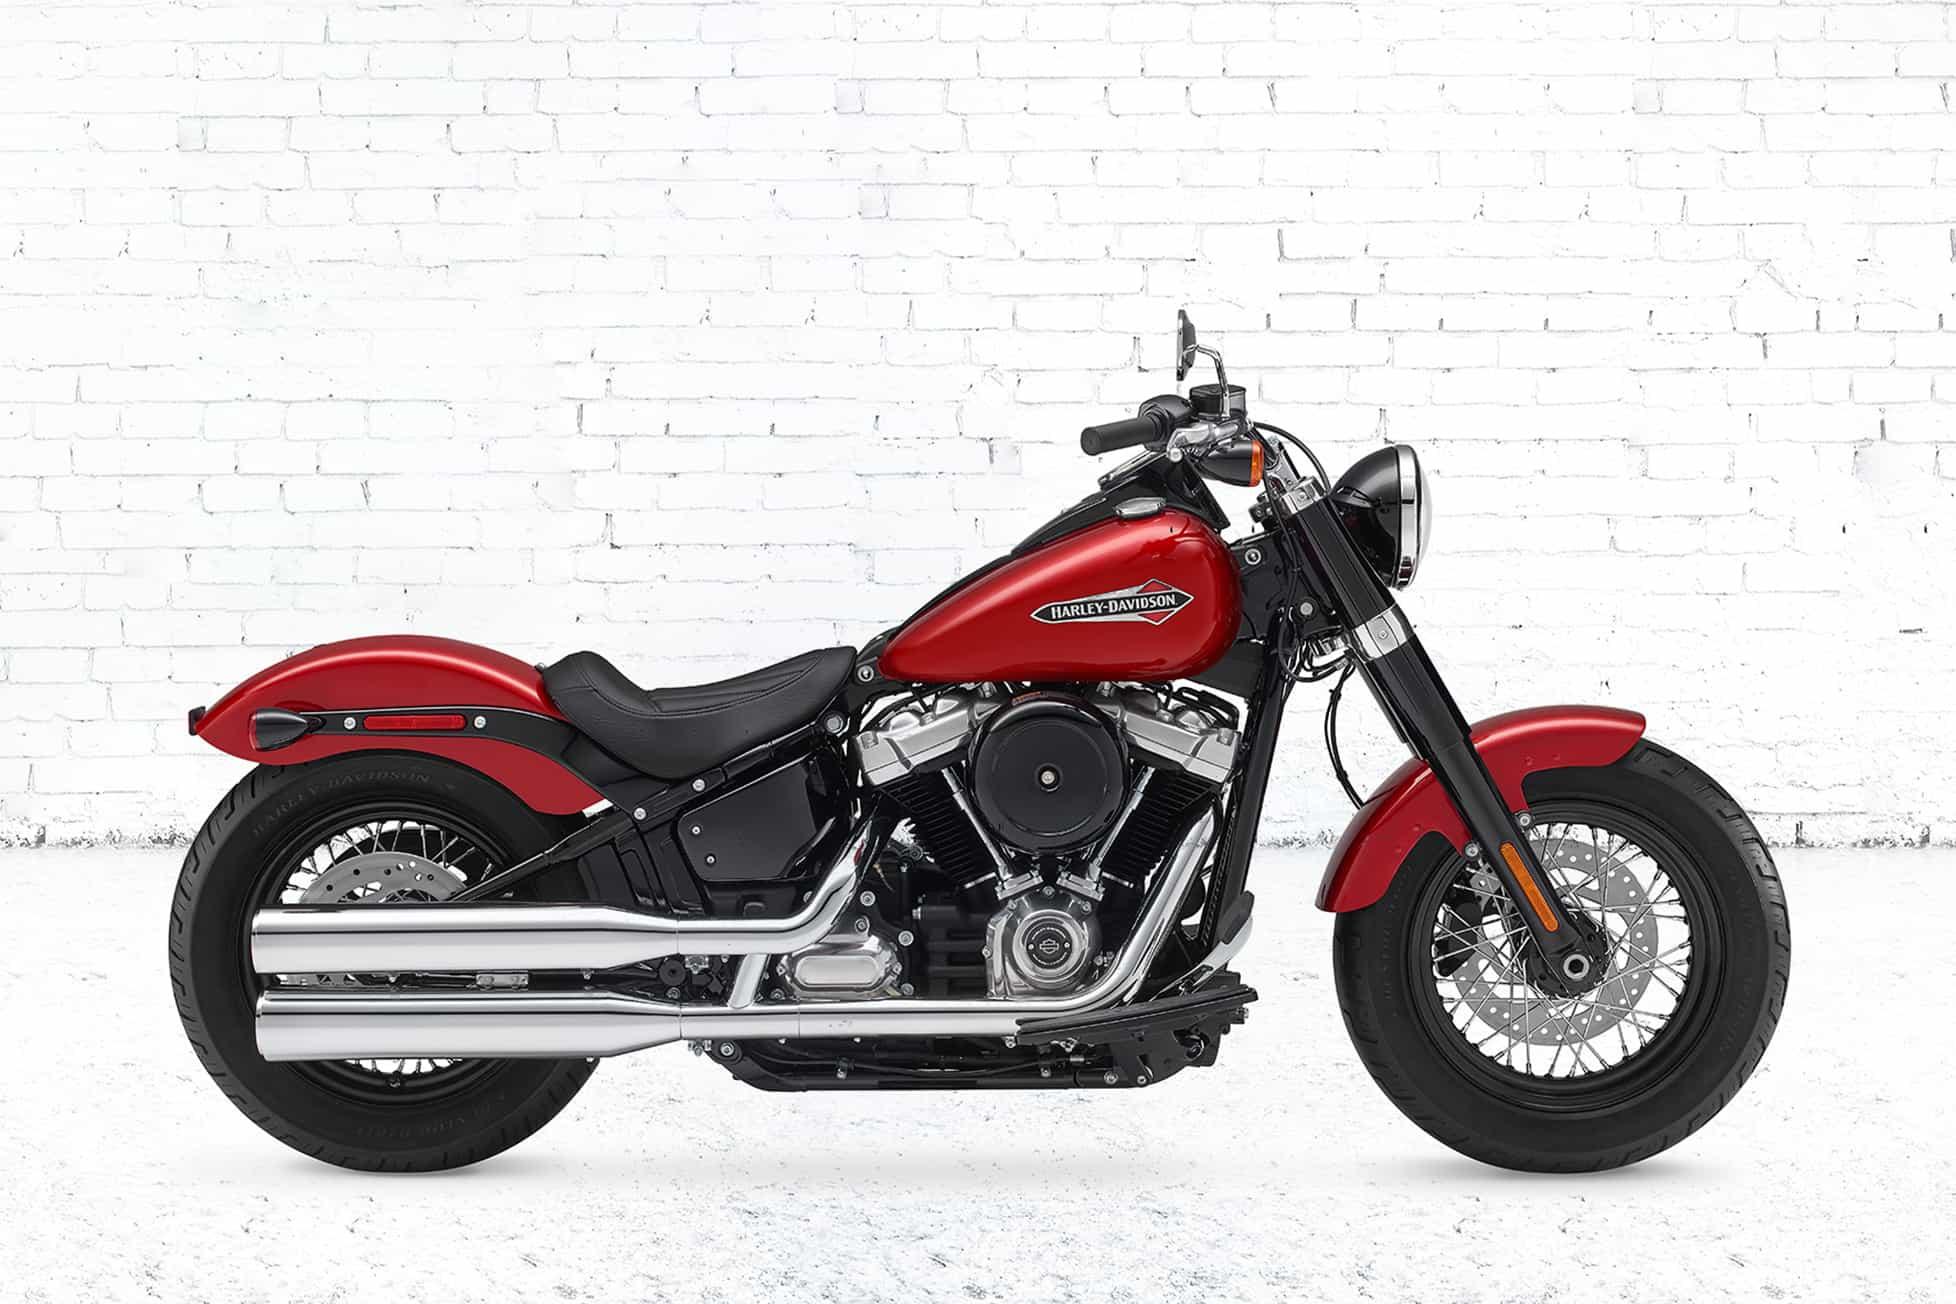 2018 Harley-Davidson® Softail Slim®